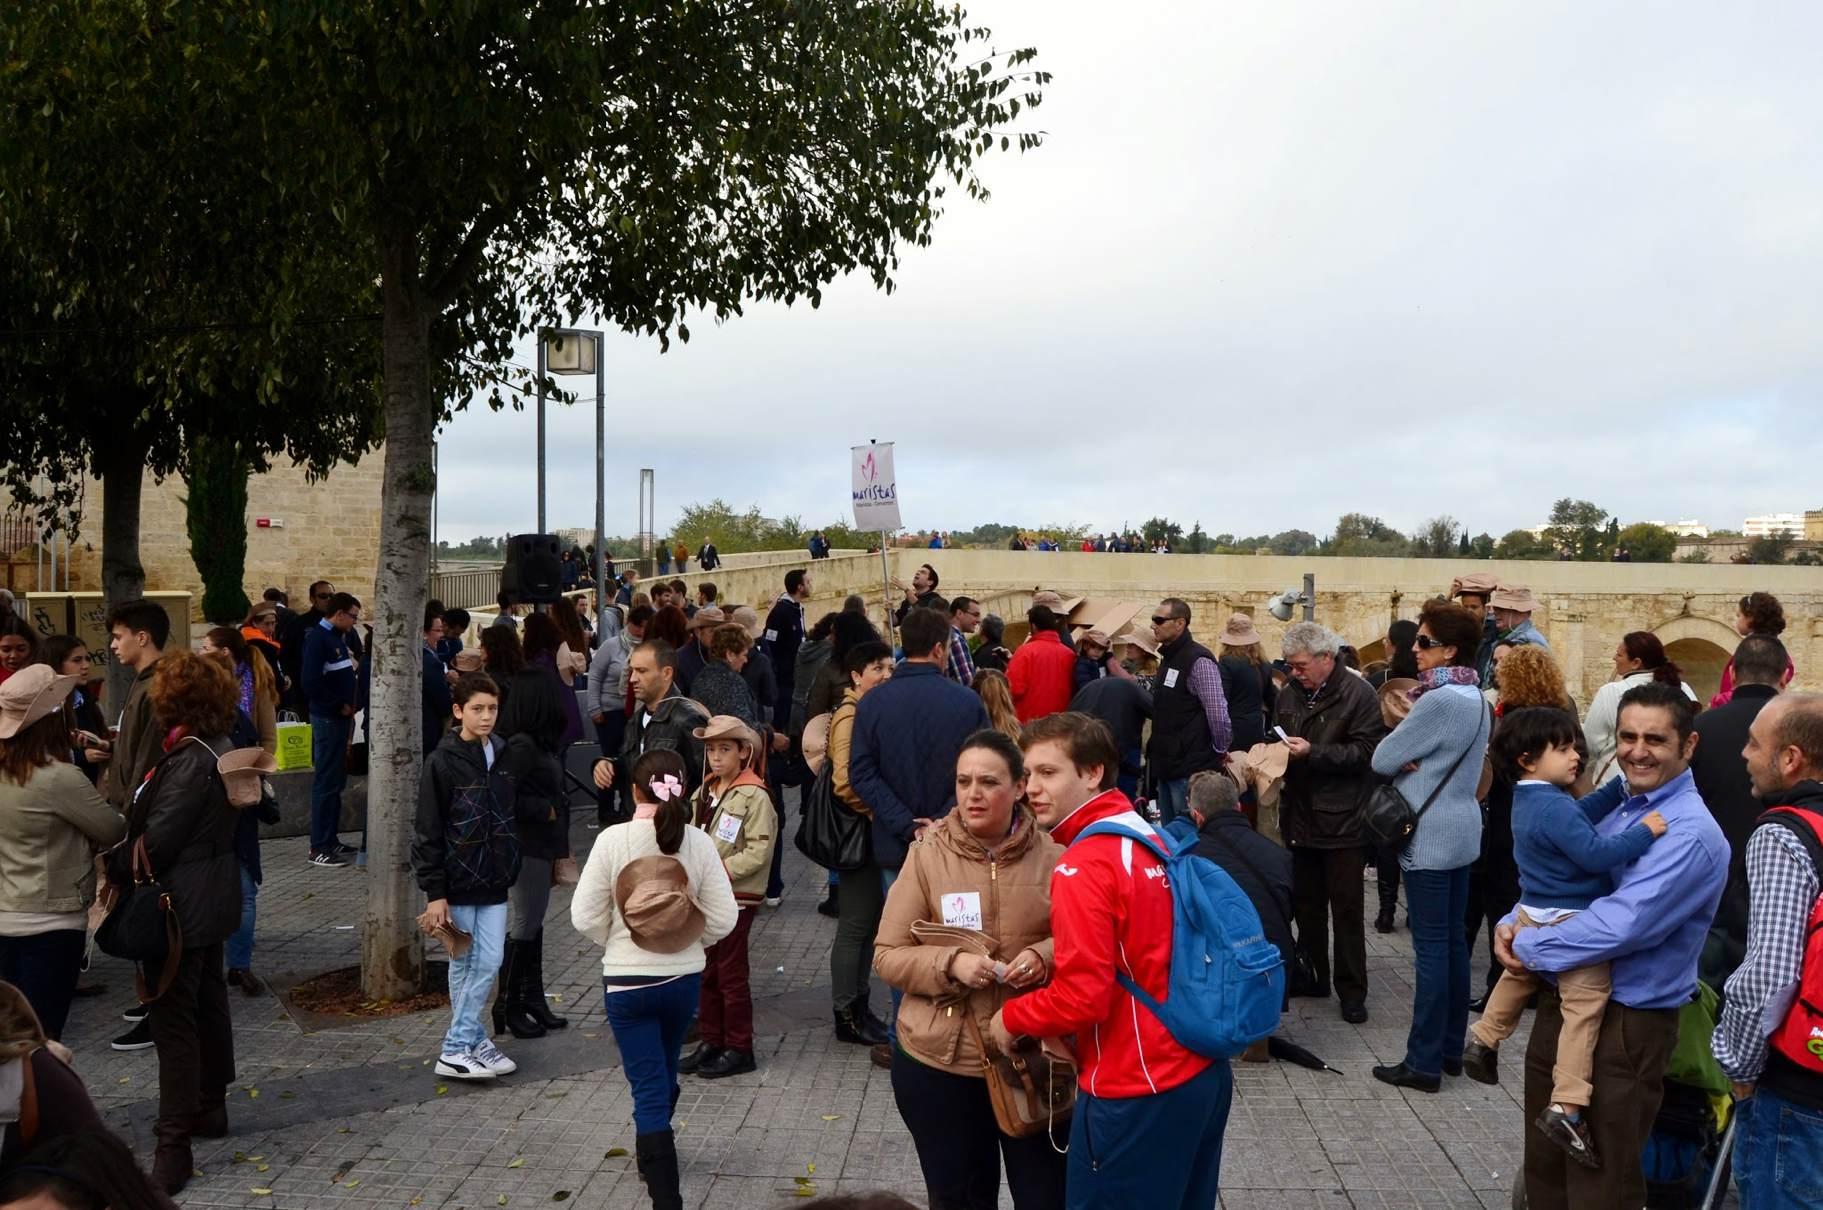 encuentro de escuelas católicas  15-11-14 (1)